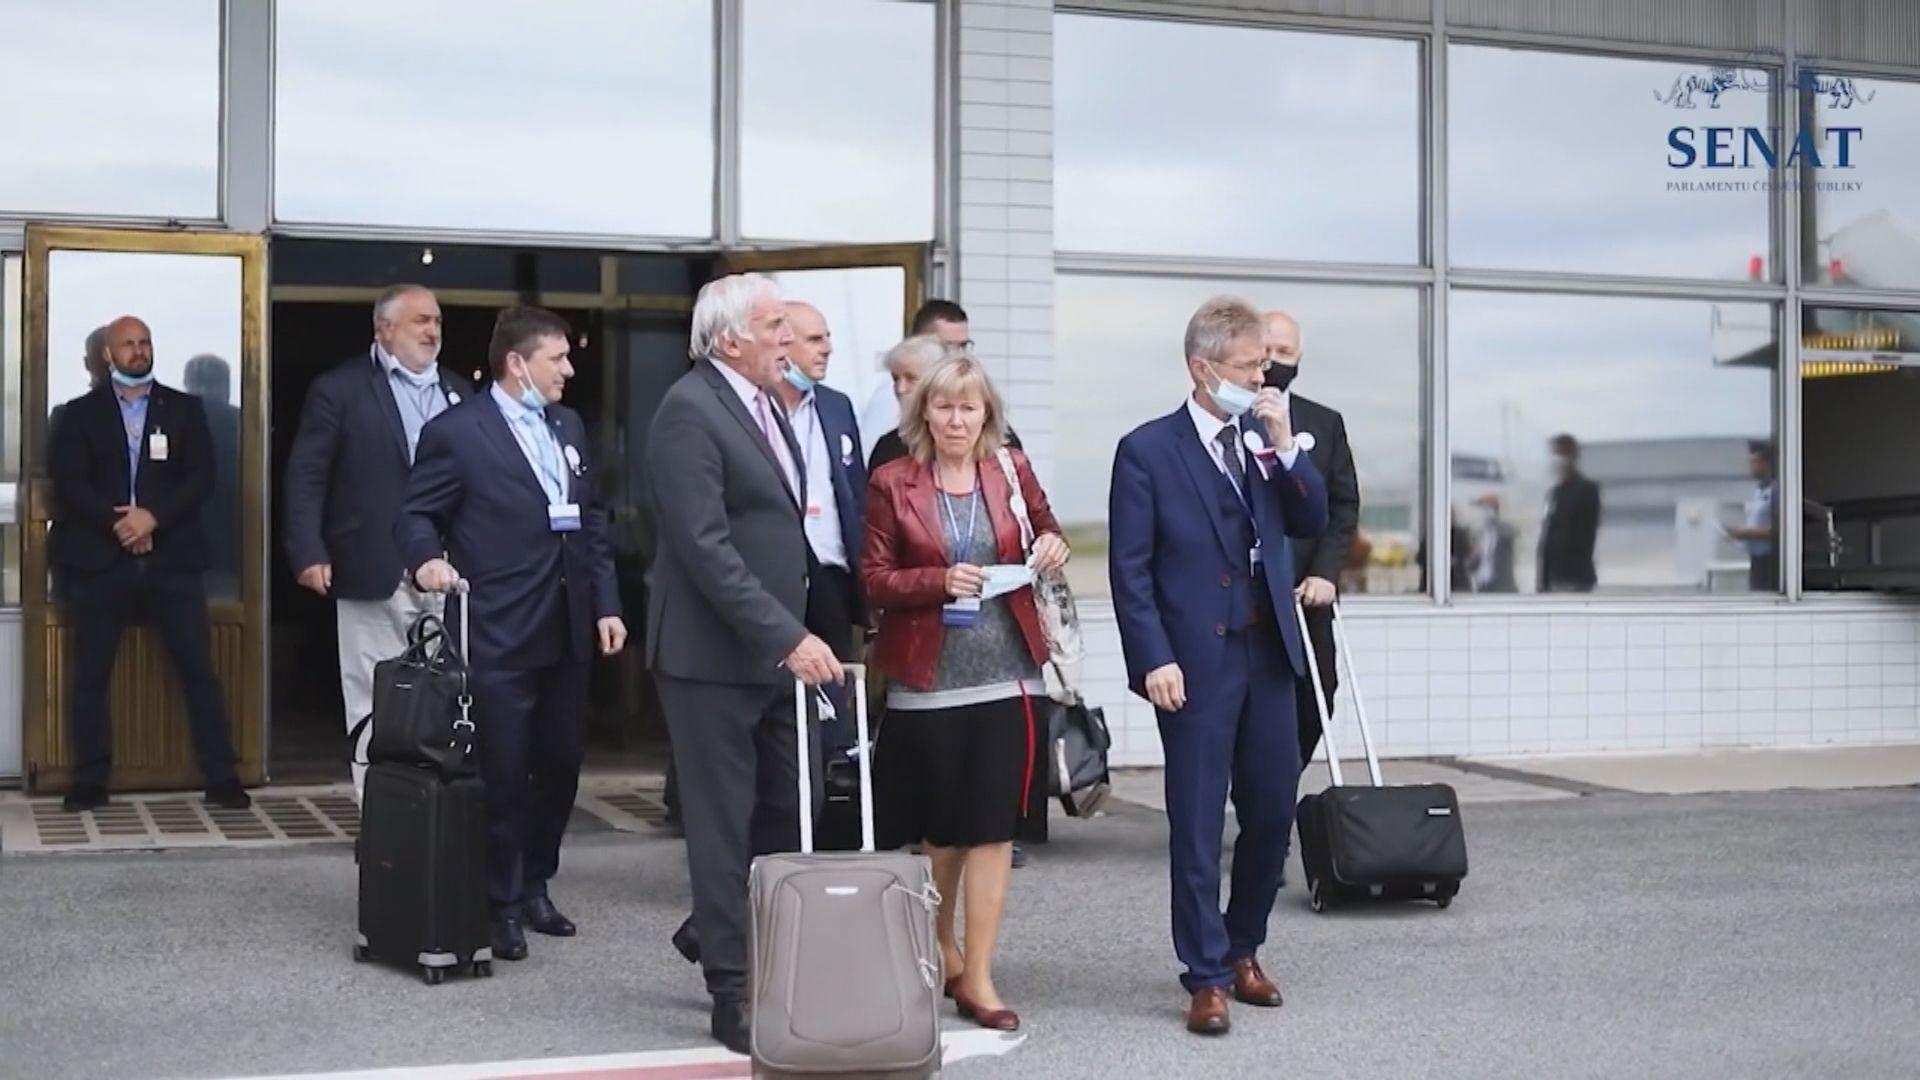 捷克參議院議長率團訪台 預計今早抵達